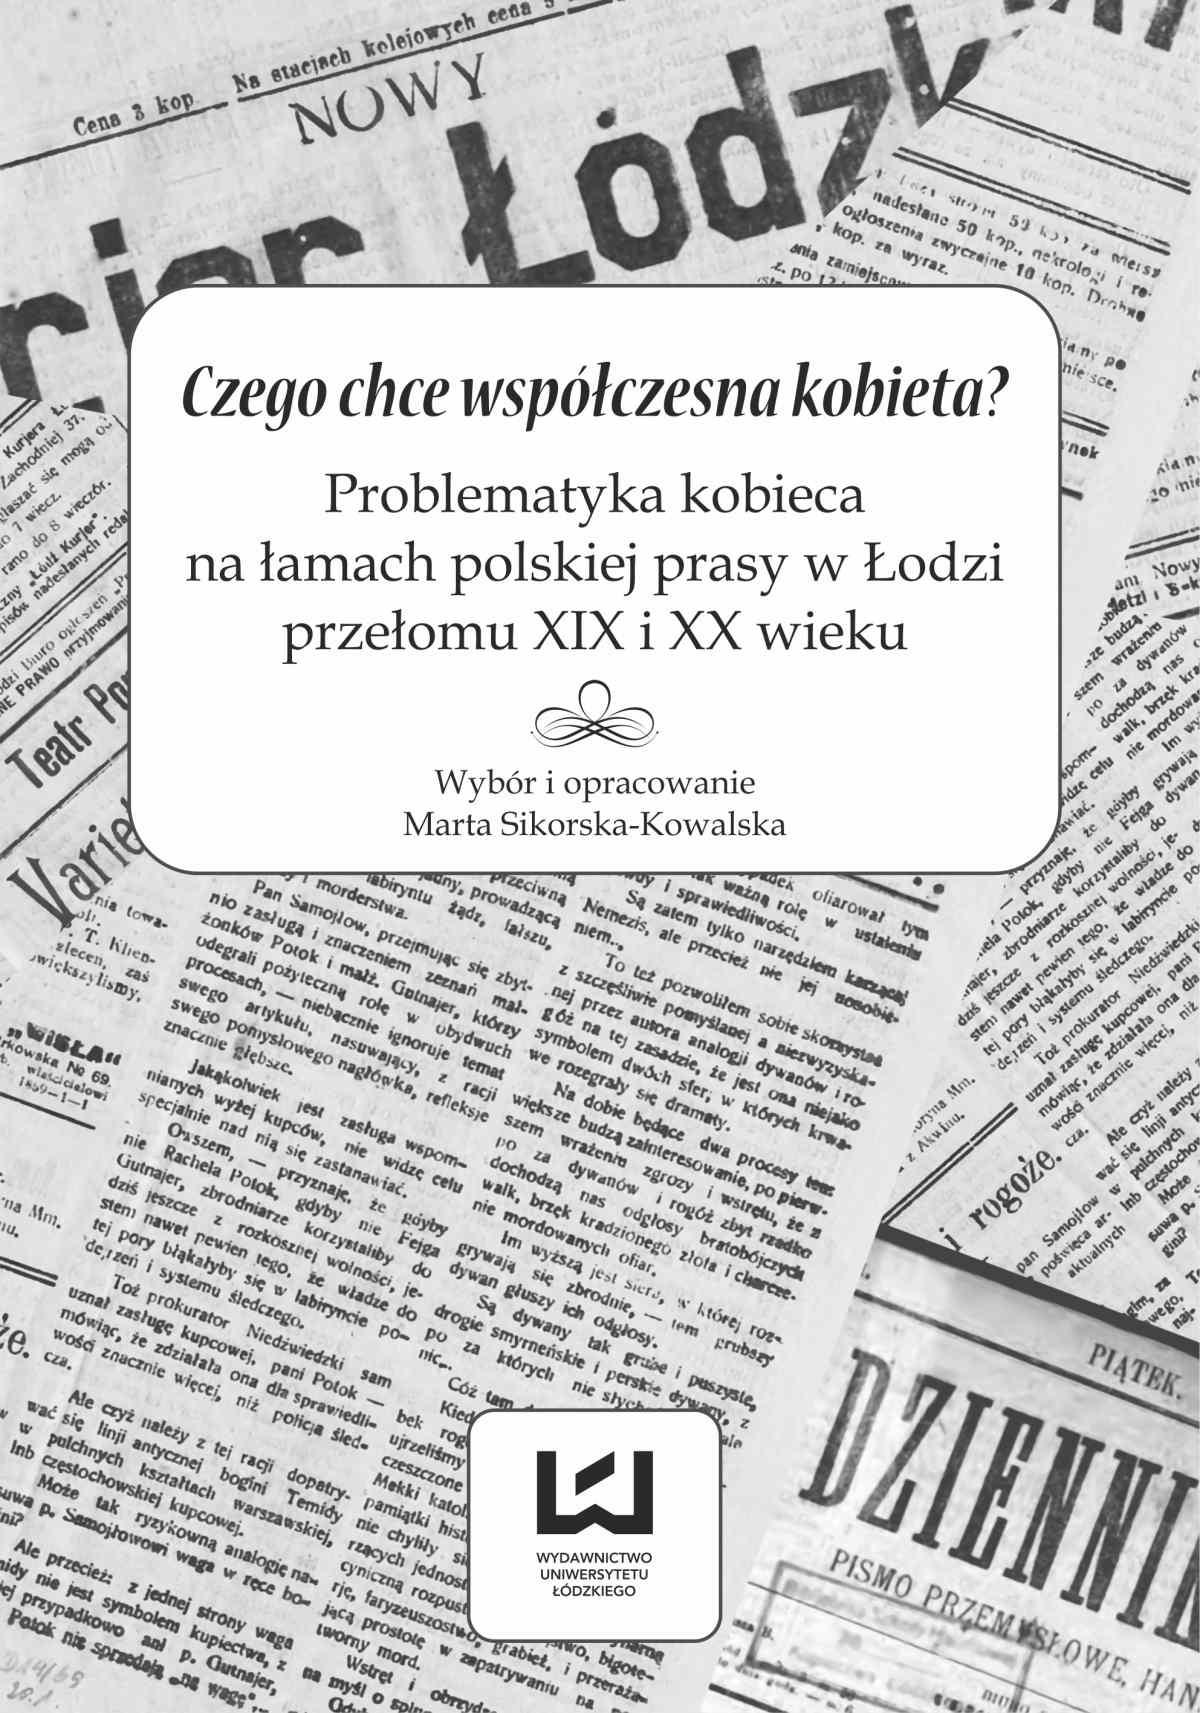 Czego chce współczesna kobieta? Problematyka kobieca na łamach polskiej prasy w Łodzi przełomu XIX i XX wieku - Ebook (Książka PDF) do pobrania w formacie PDF